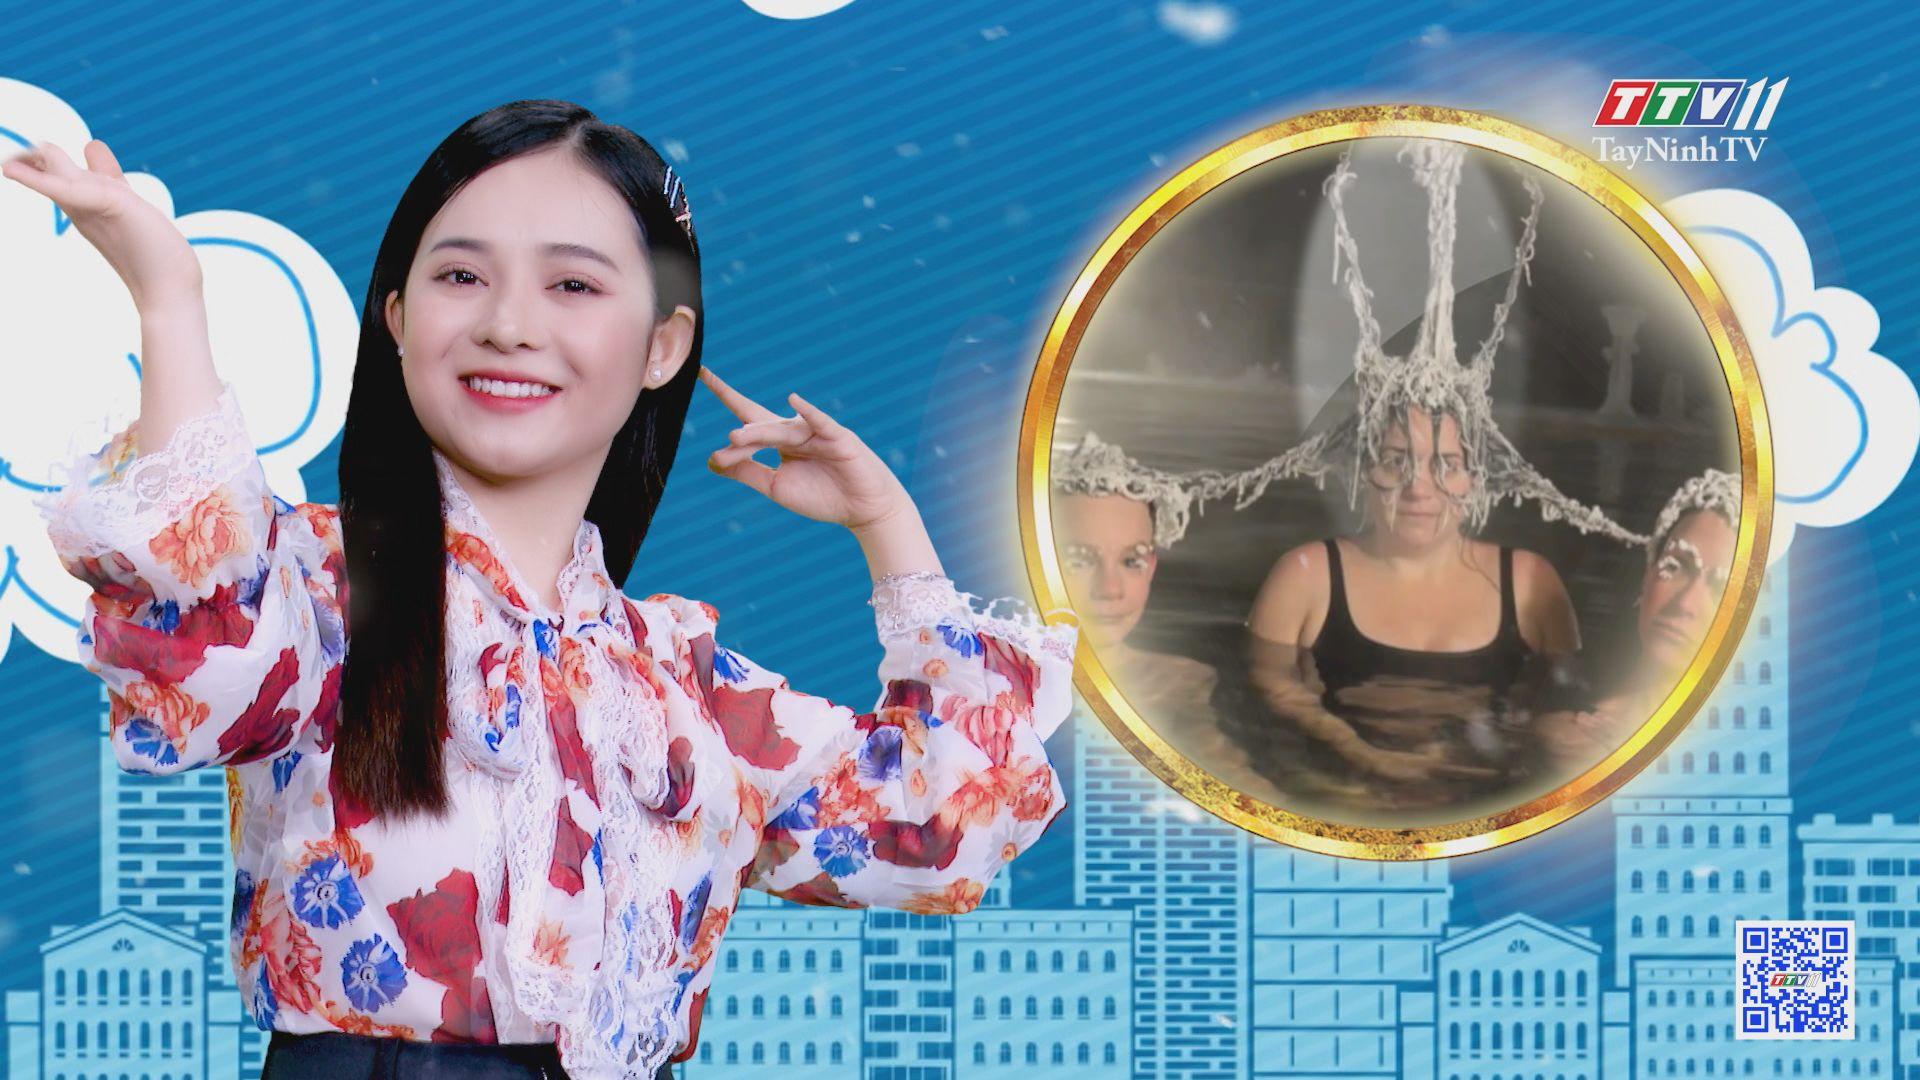 Đóng băng tóc: cuộc thi kỳ quái có một không hai | CHUYỆN ĐÔNG TÂY KỲ THÚ | TayNinhTVE